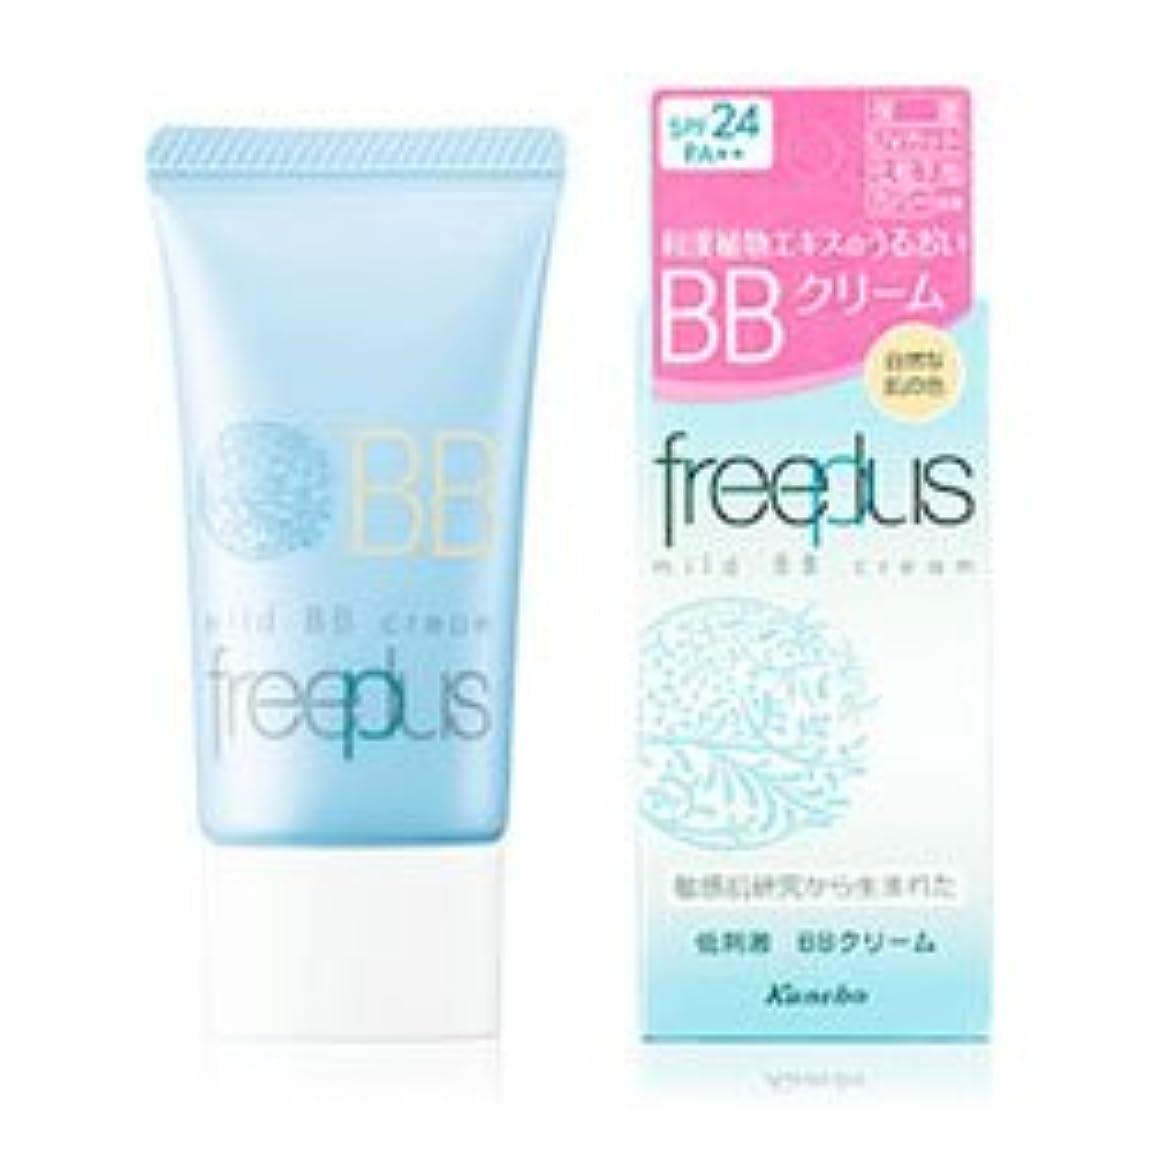 解釈的歯リード【カネボウ化粧品】freeplus フリープラス 30g ×3個セット